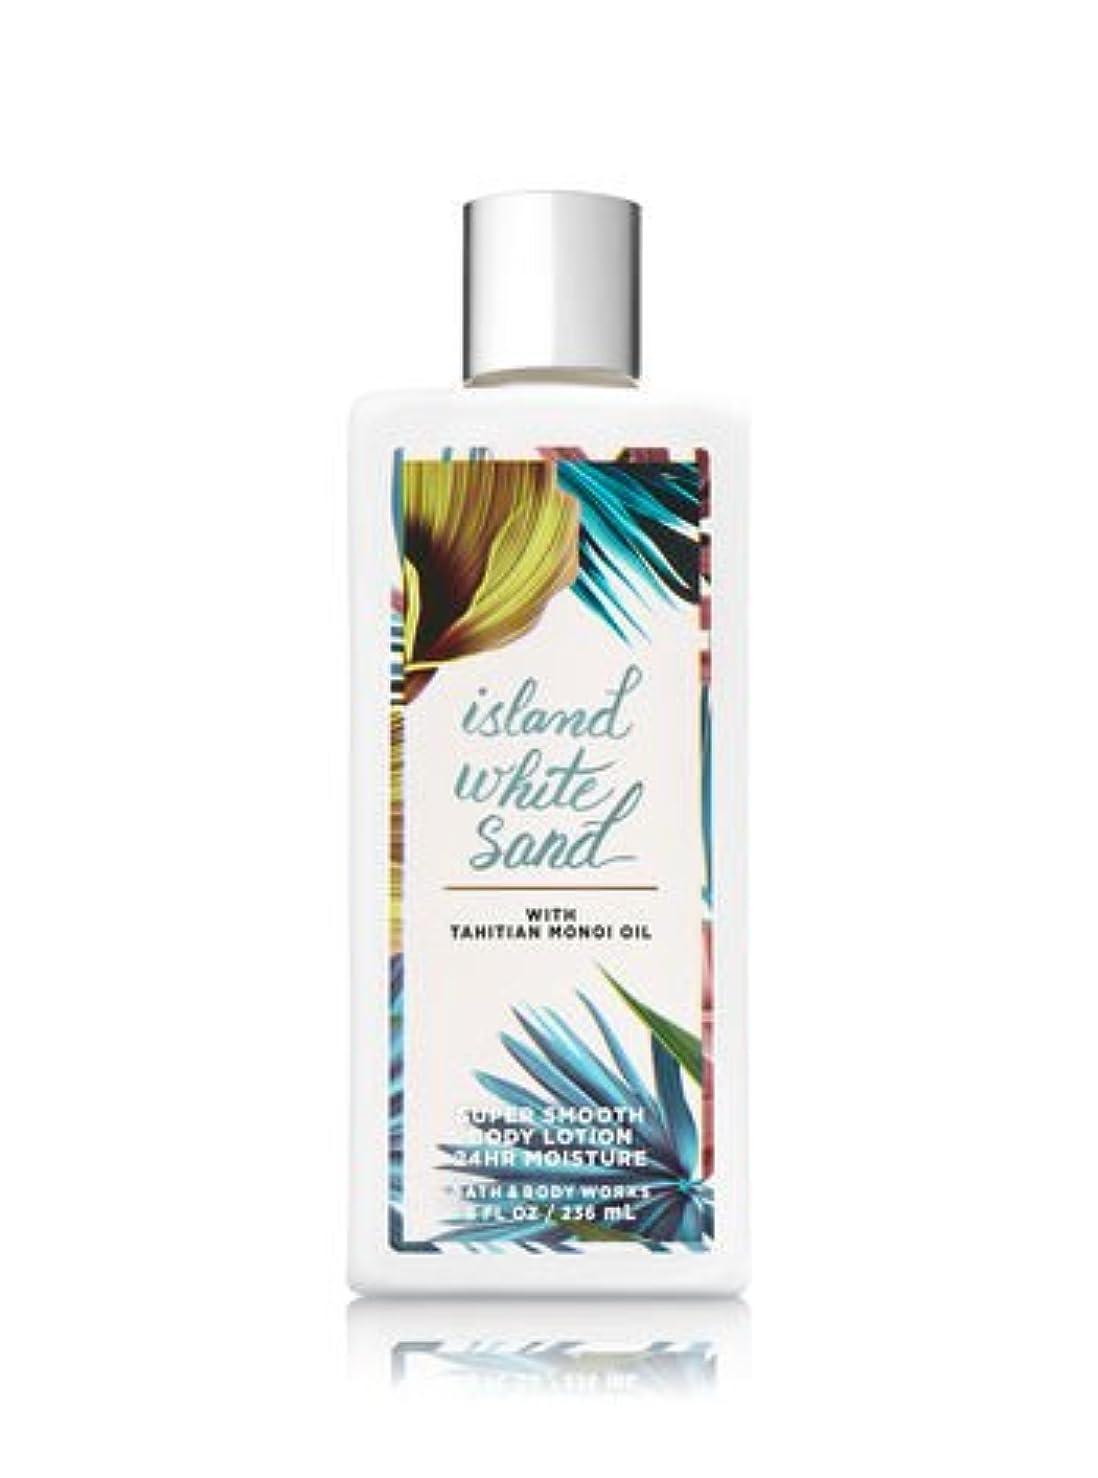 習字隣接するメイン【Bath&Body Works/バス&ボディワークス】 ボディローション アイランドホワイトサンド Super Smooth Body Lotion Island White Sand 8 fl oz / 236 mL [並行輸入品]